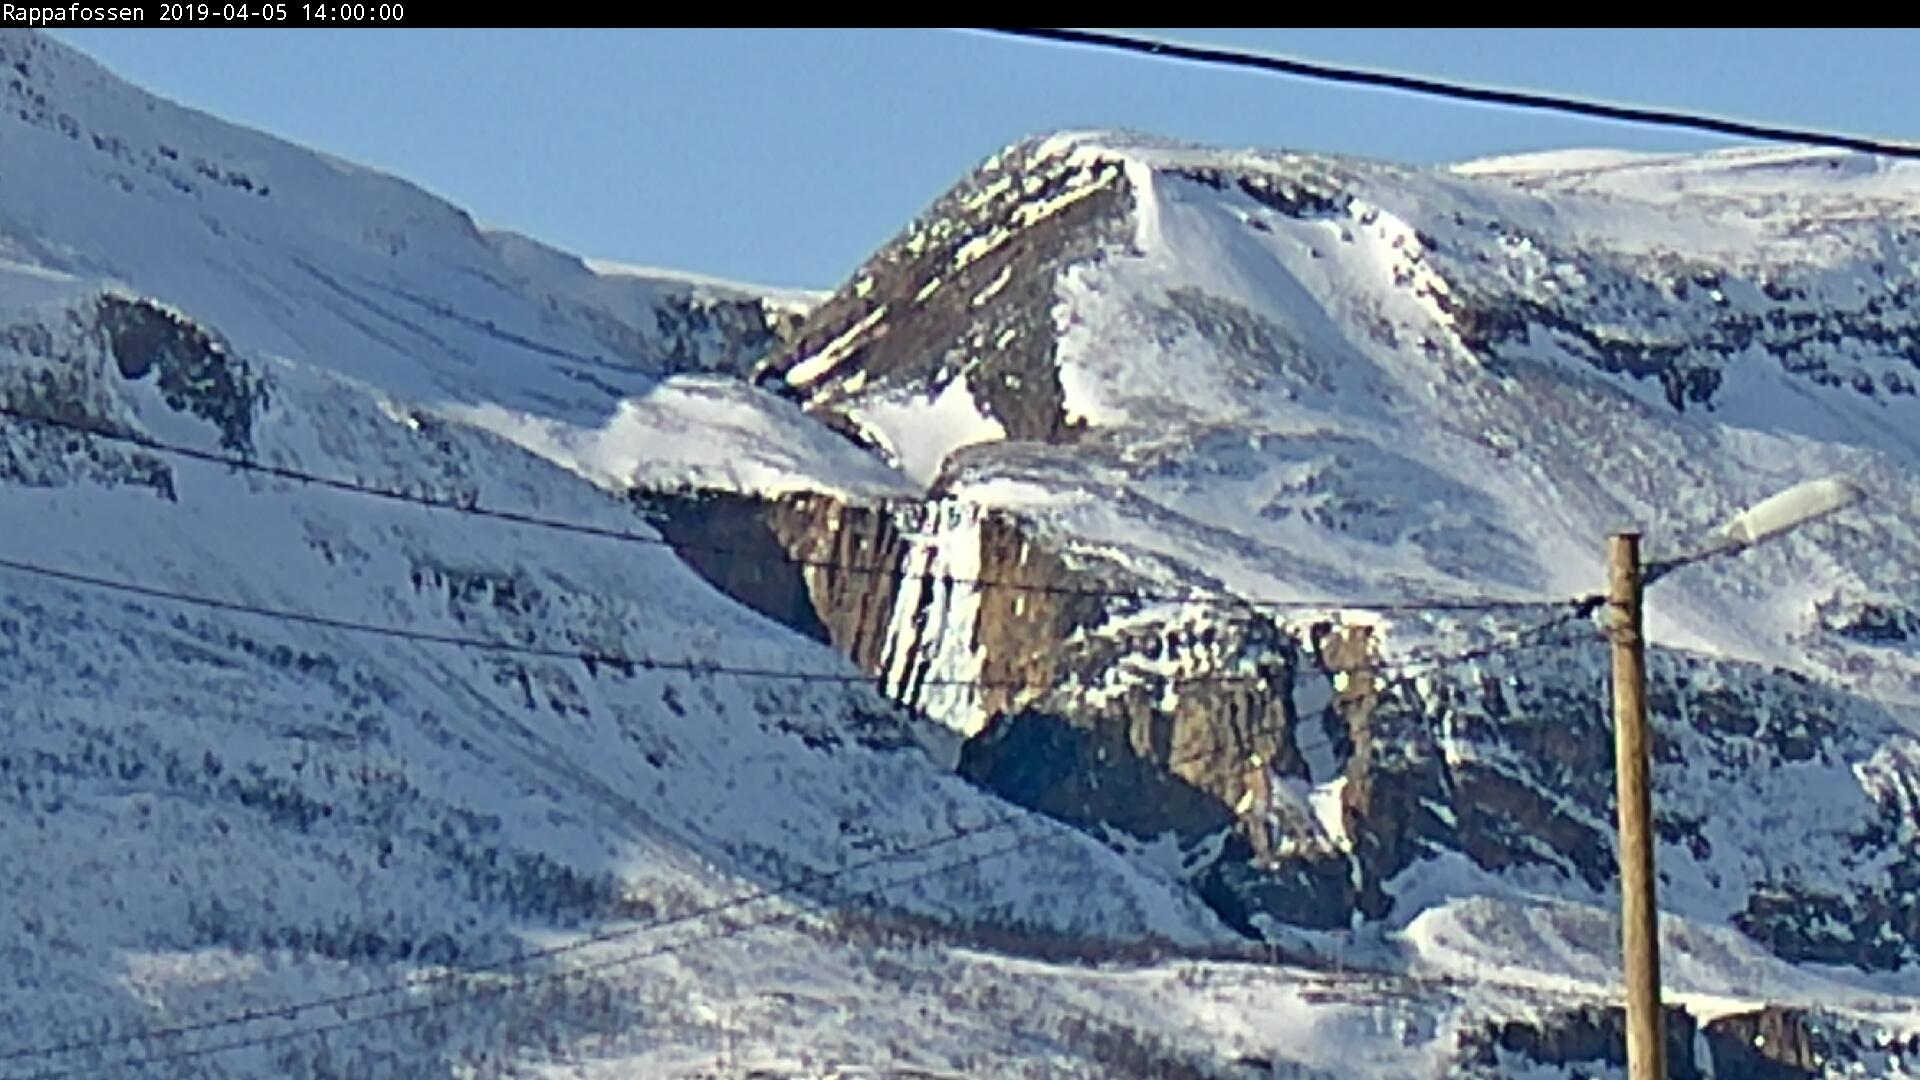 Webkamerabilde av Rappafossen i Porsanger